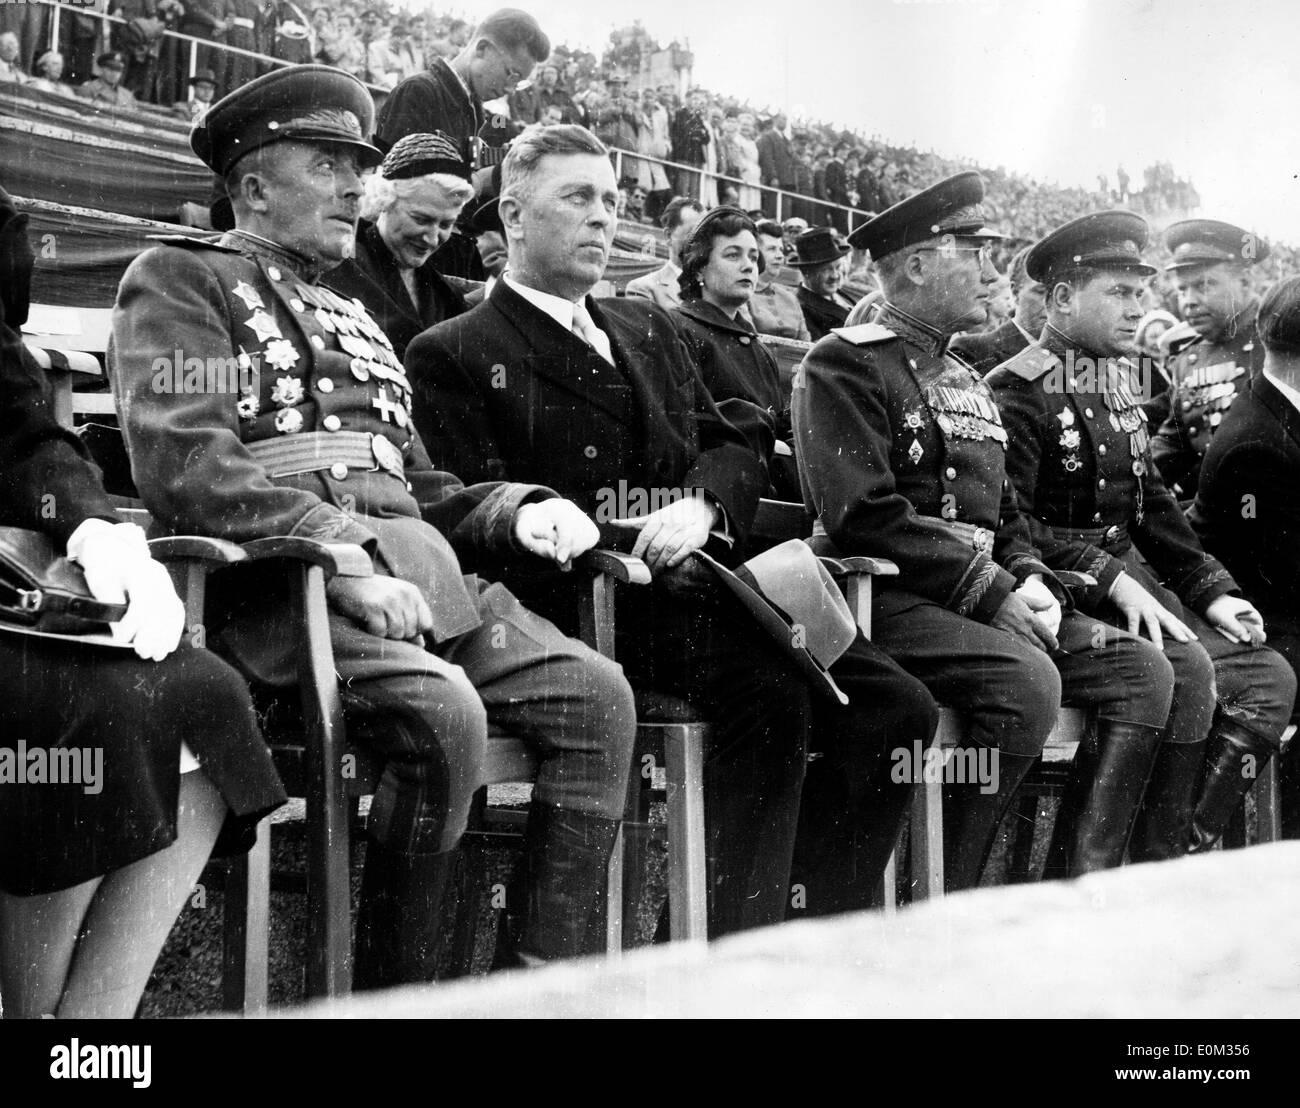 Nikolai Trusov and Sergei Dengin watch the Coronation Day Parade - Stock Image